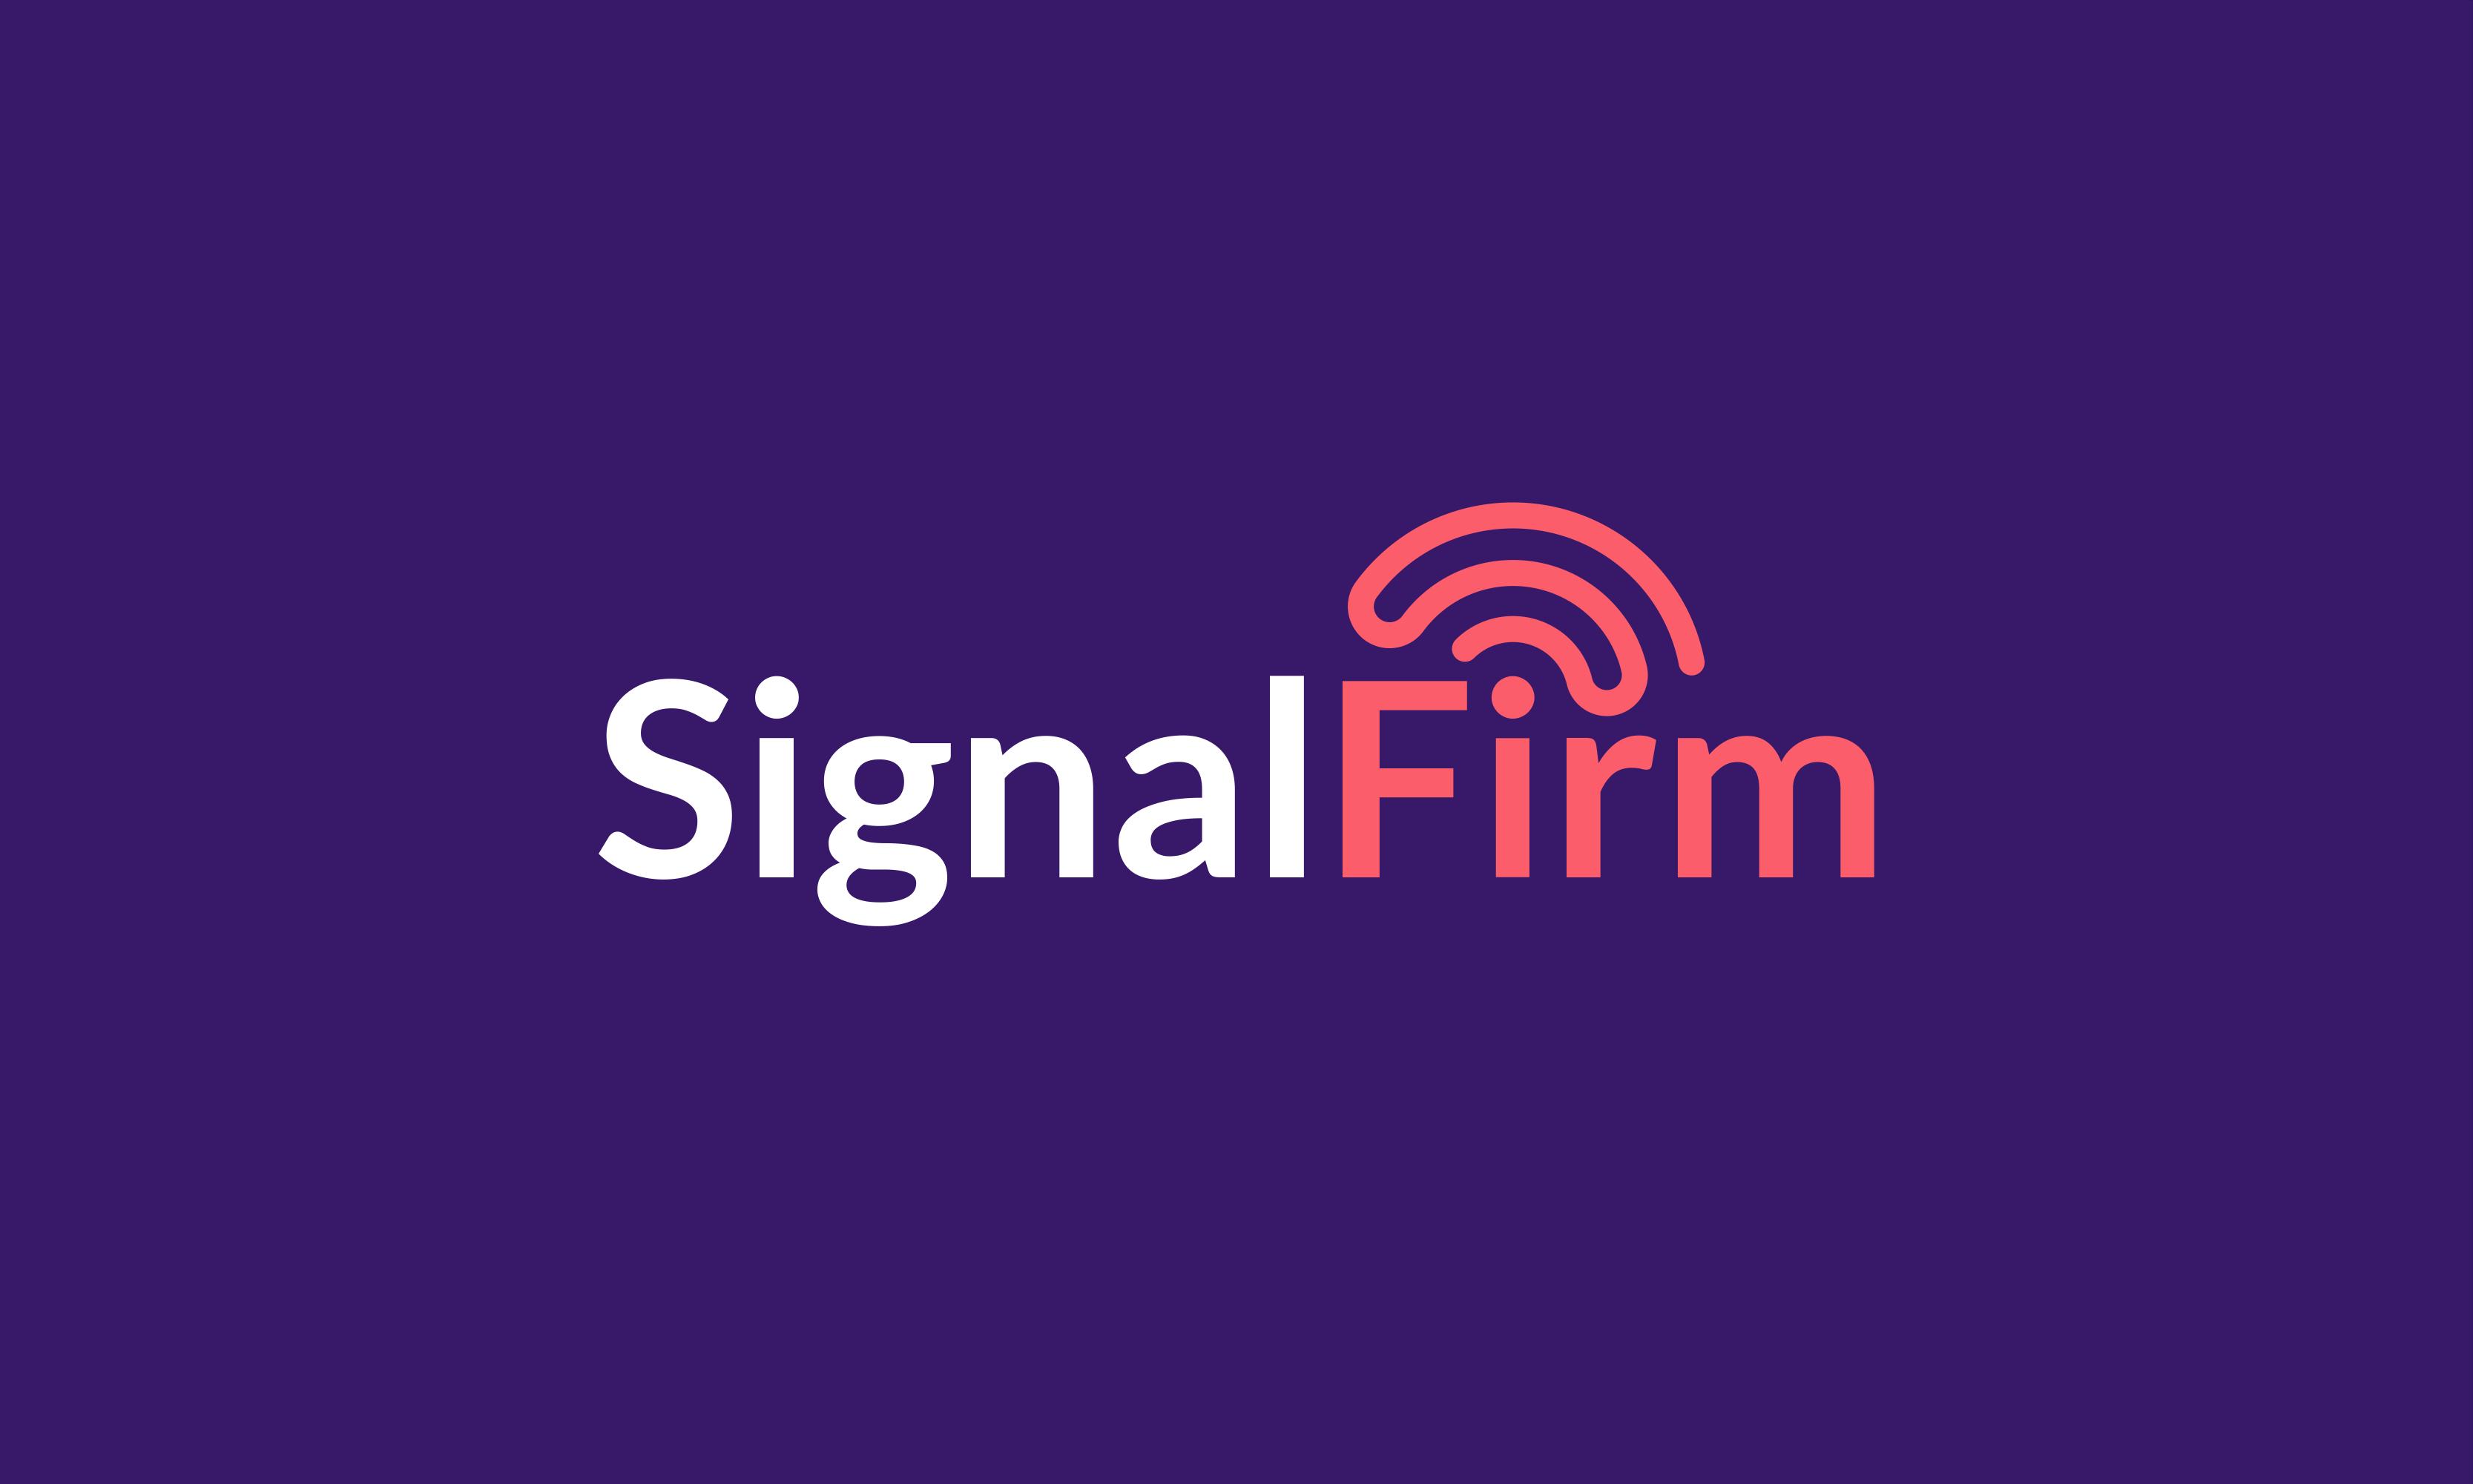 Signalfirm